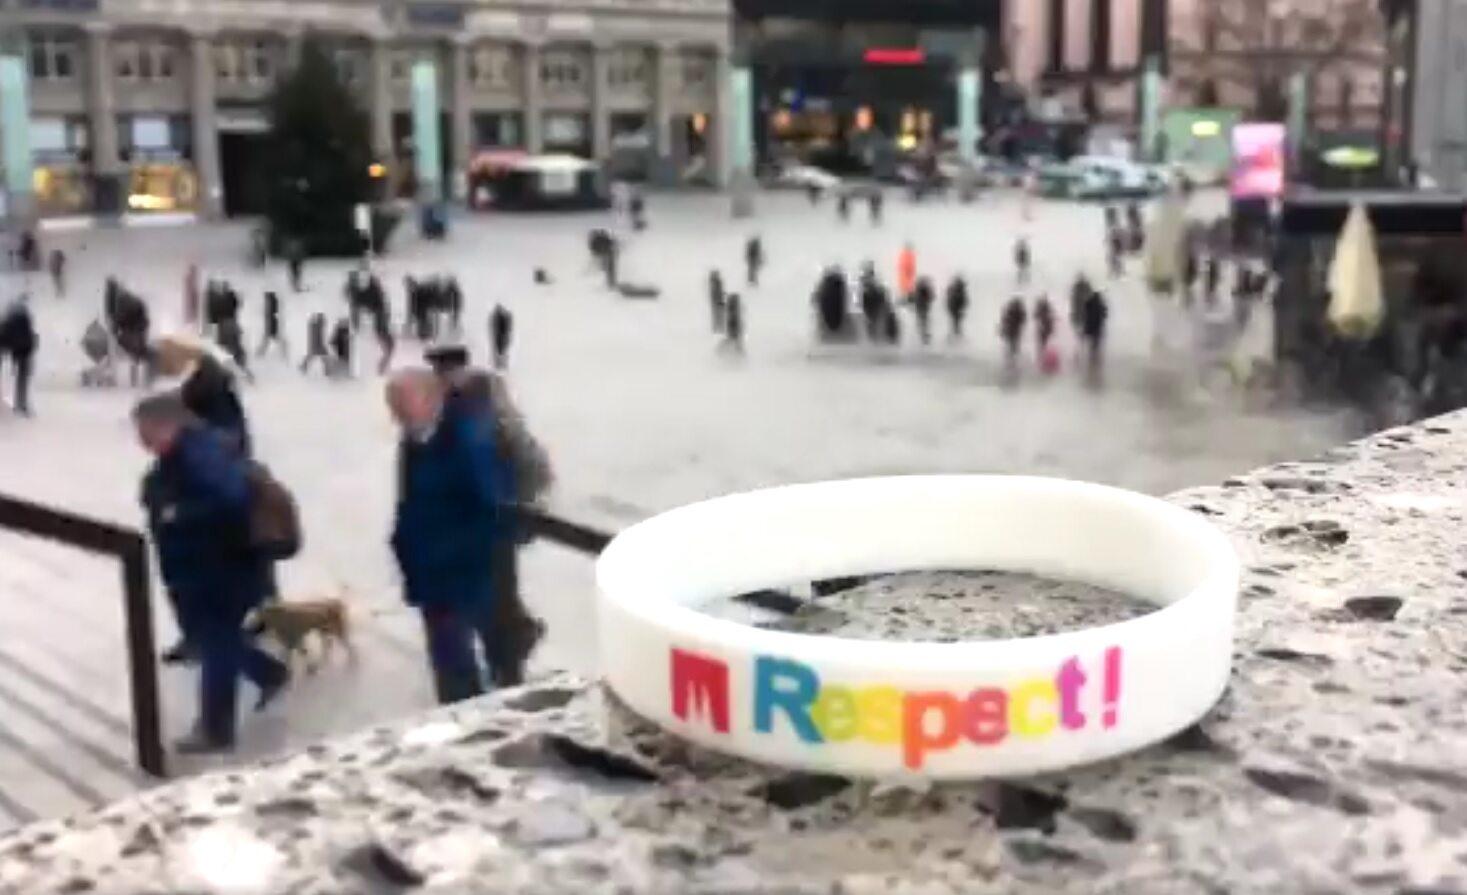 Opaski - Respect